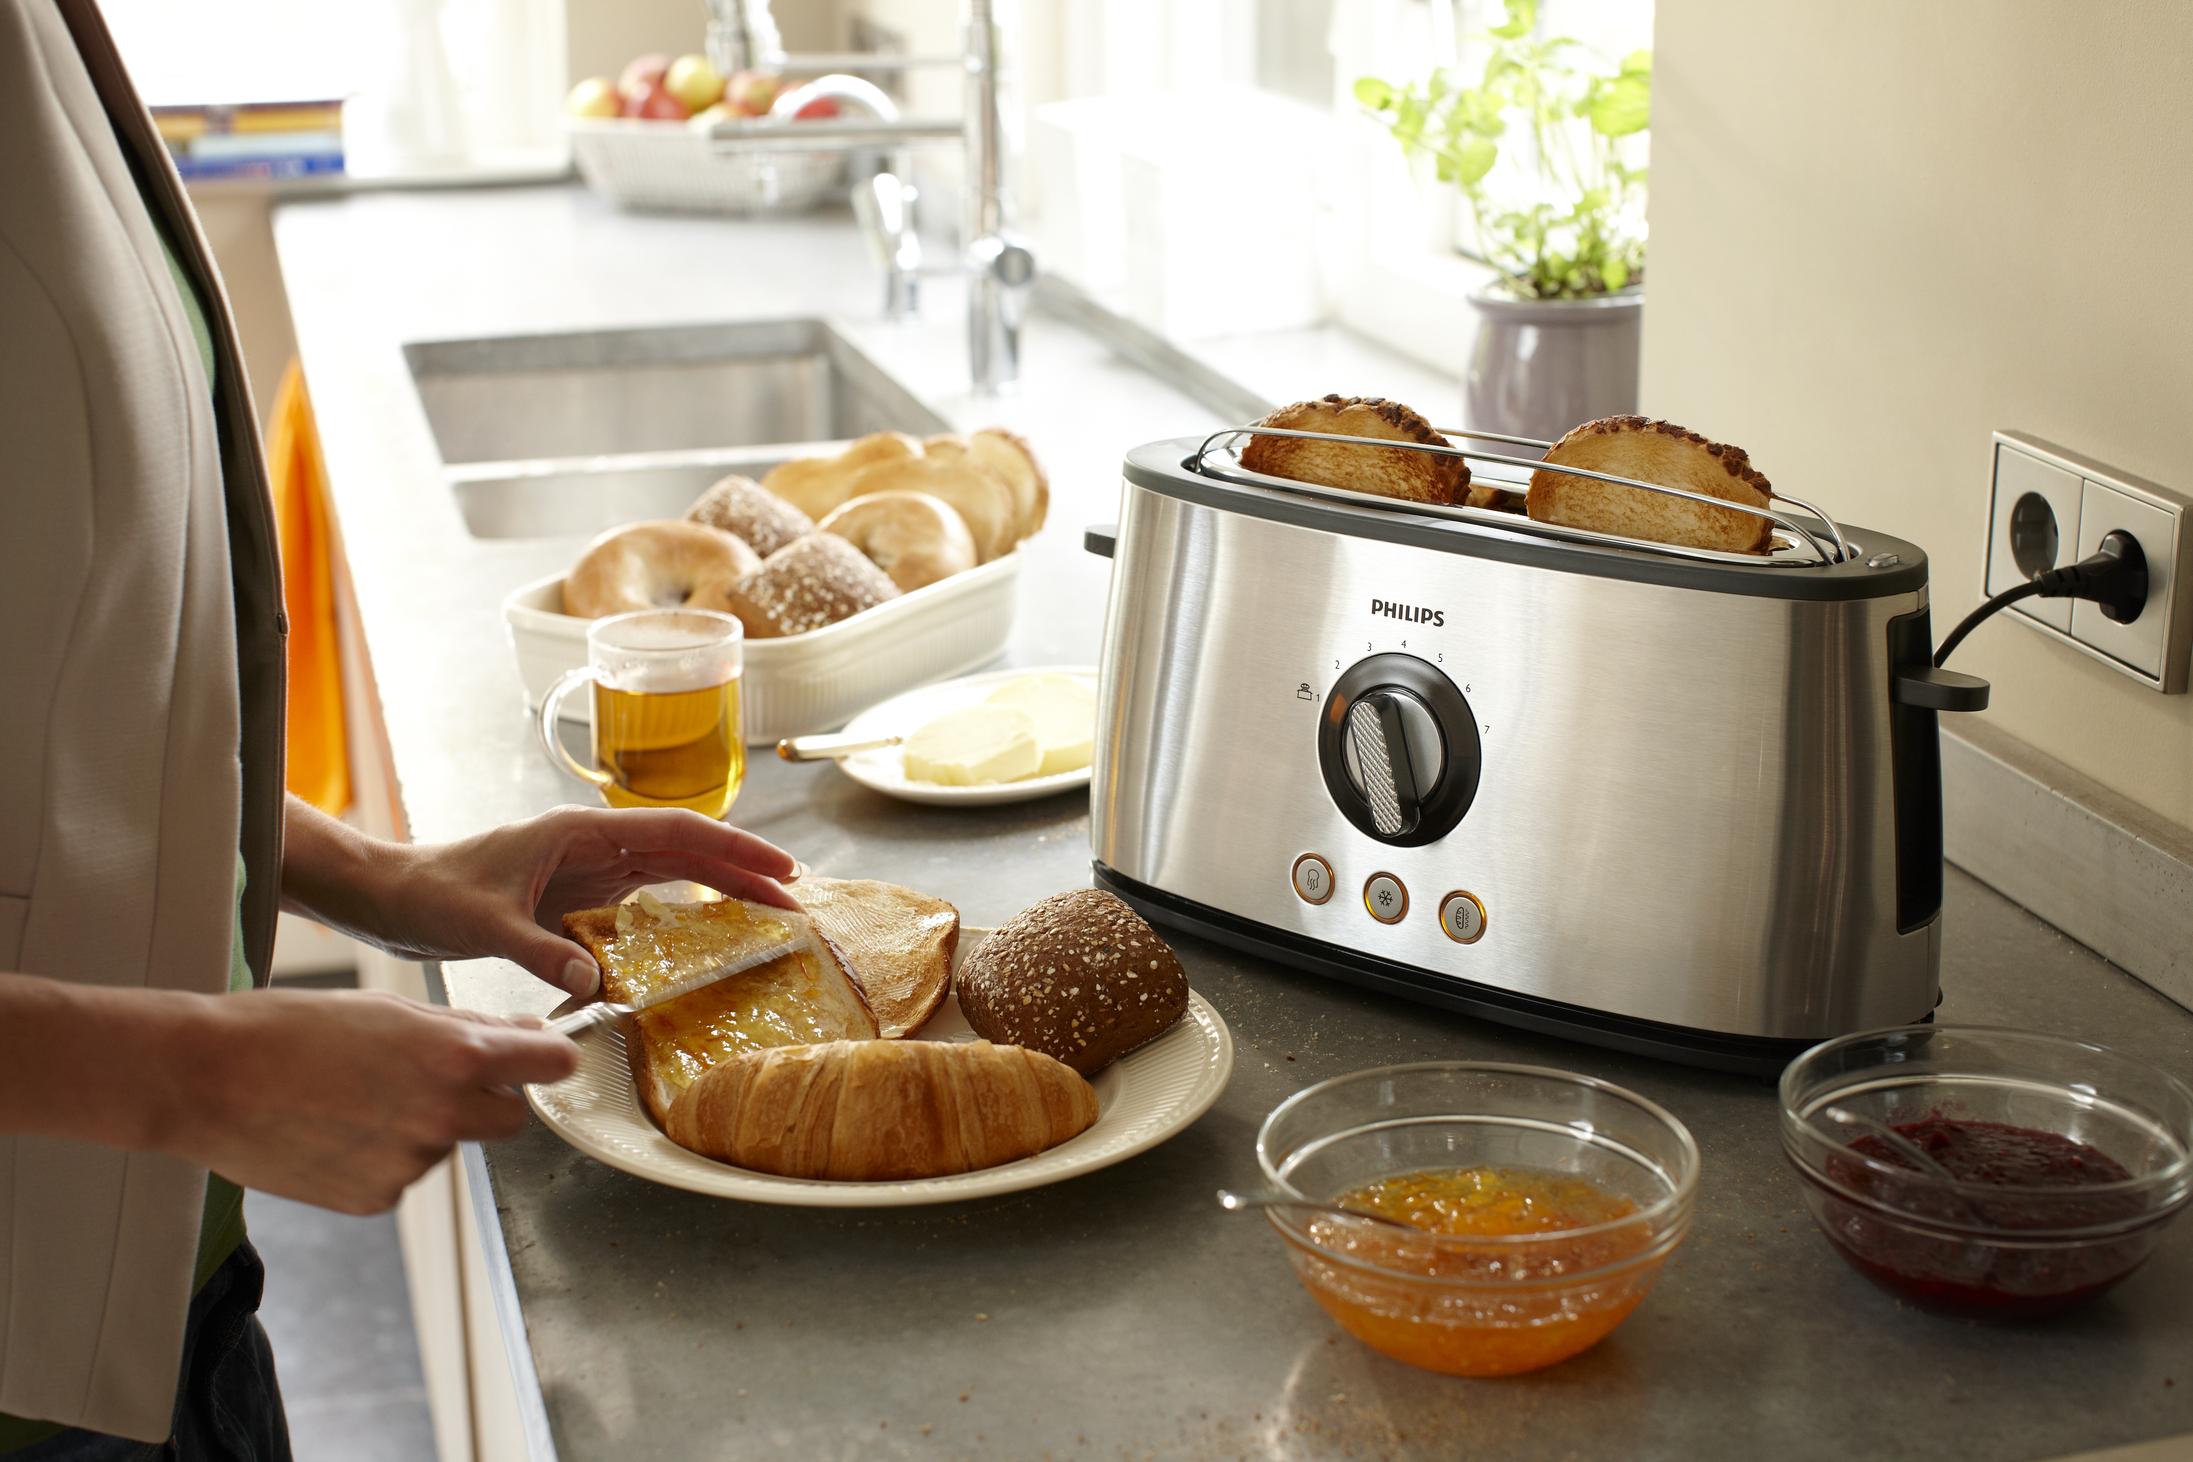 Как выбрать тостер: на какие параметры обращать внимание при покупке